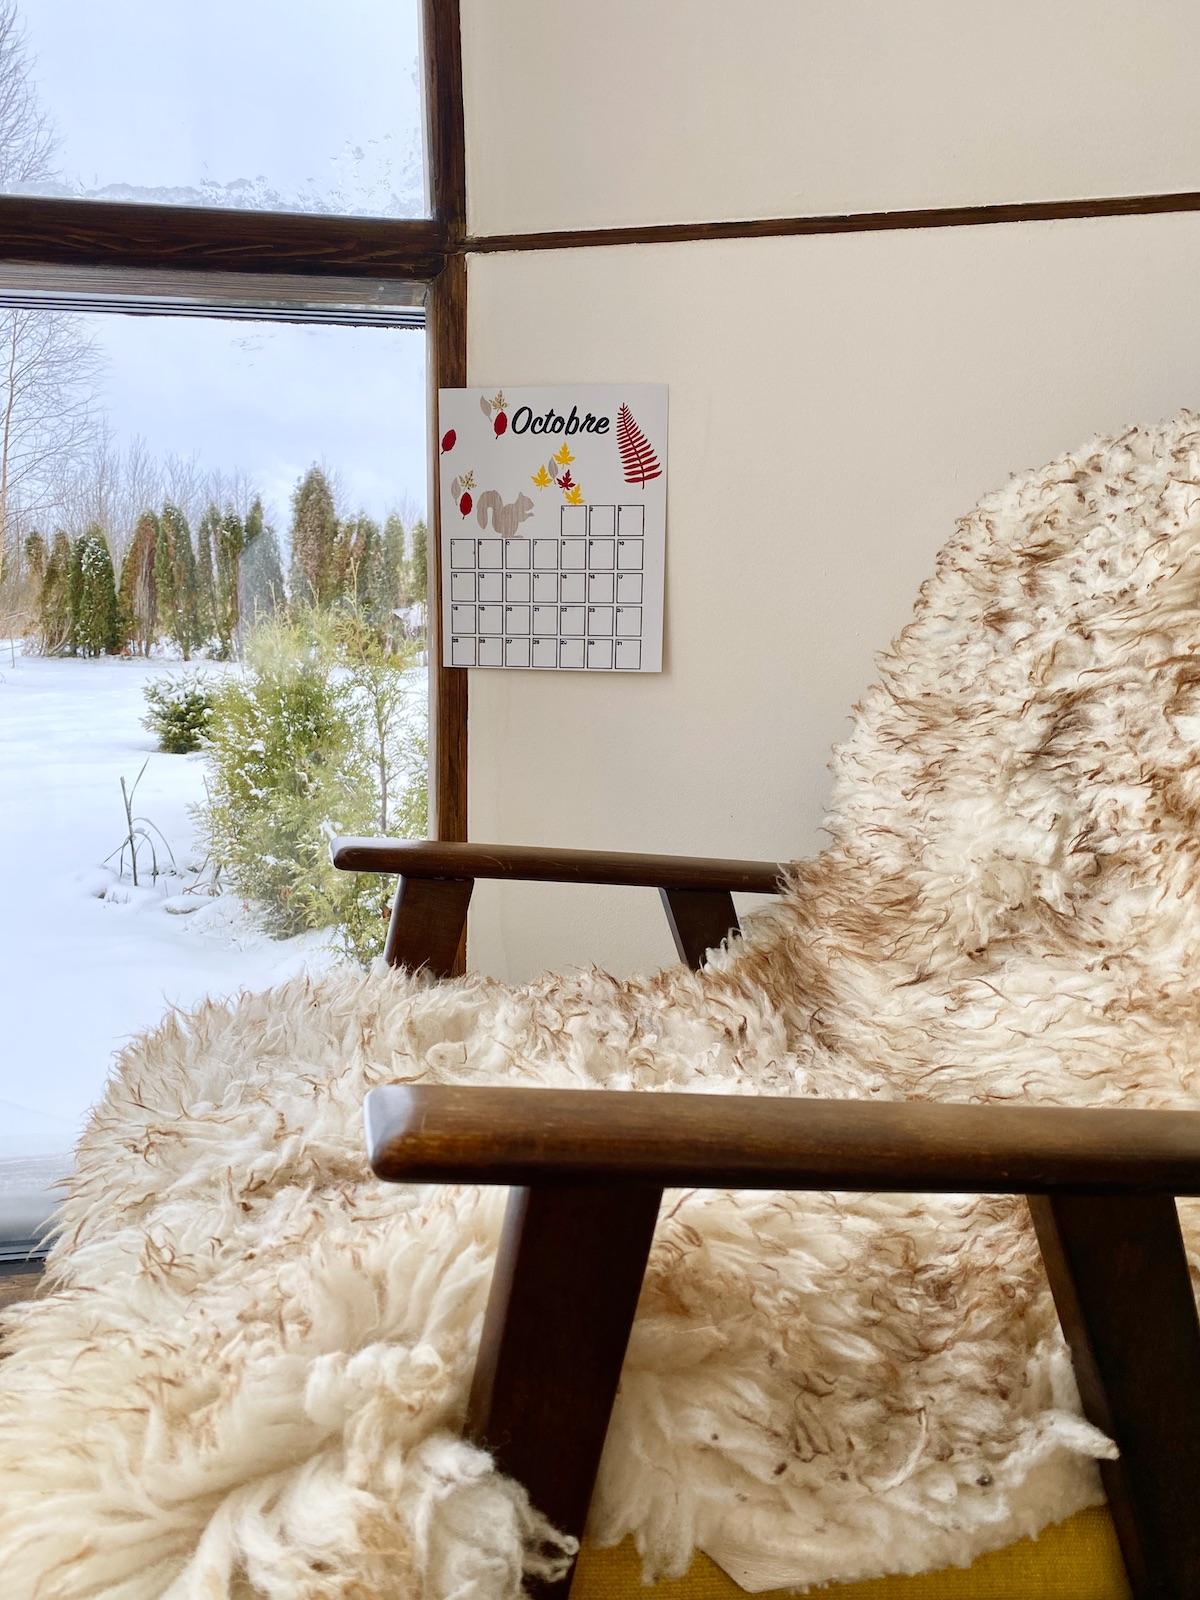 décoration automne cosy hygge fauteuil retro scandinave